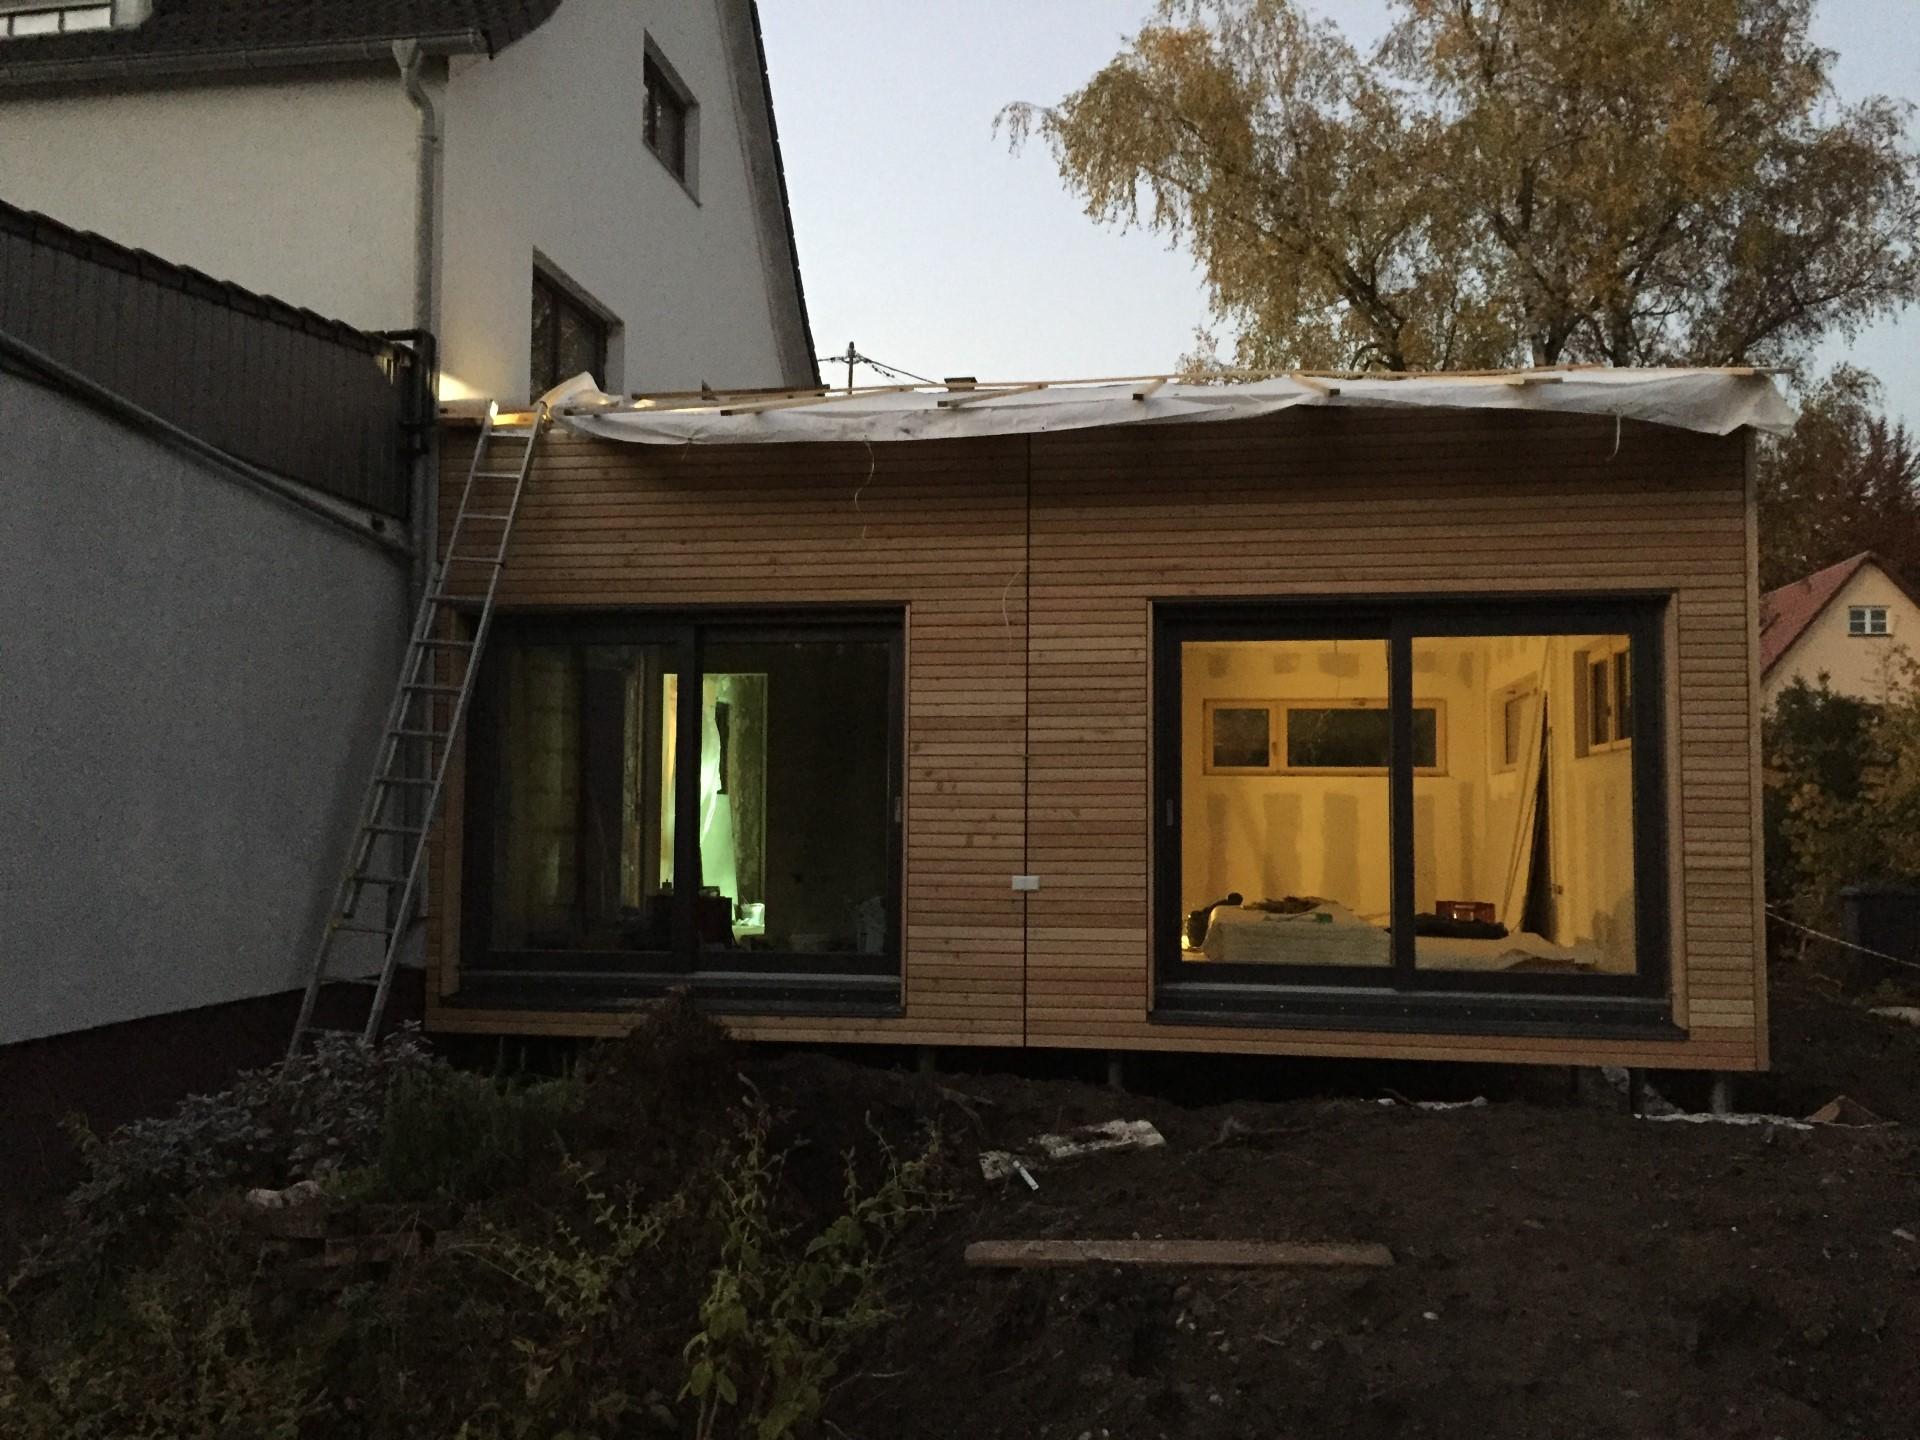 Liebenswert Holz Anbau Haus Beste Wahl Bei Diesem Projekt Wurde Ein An Ein